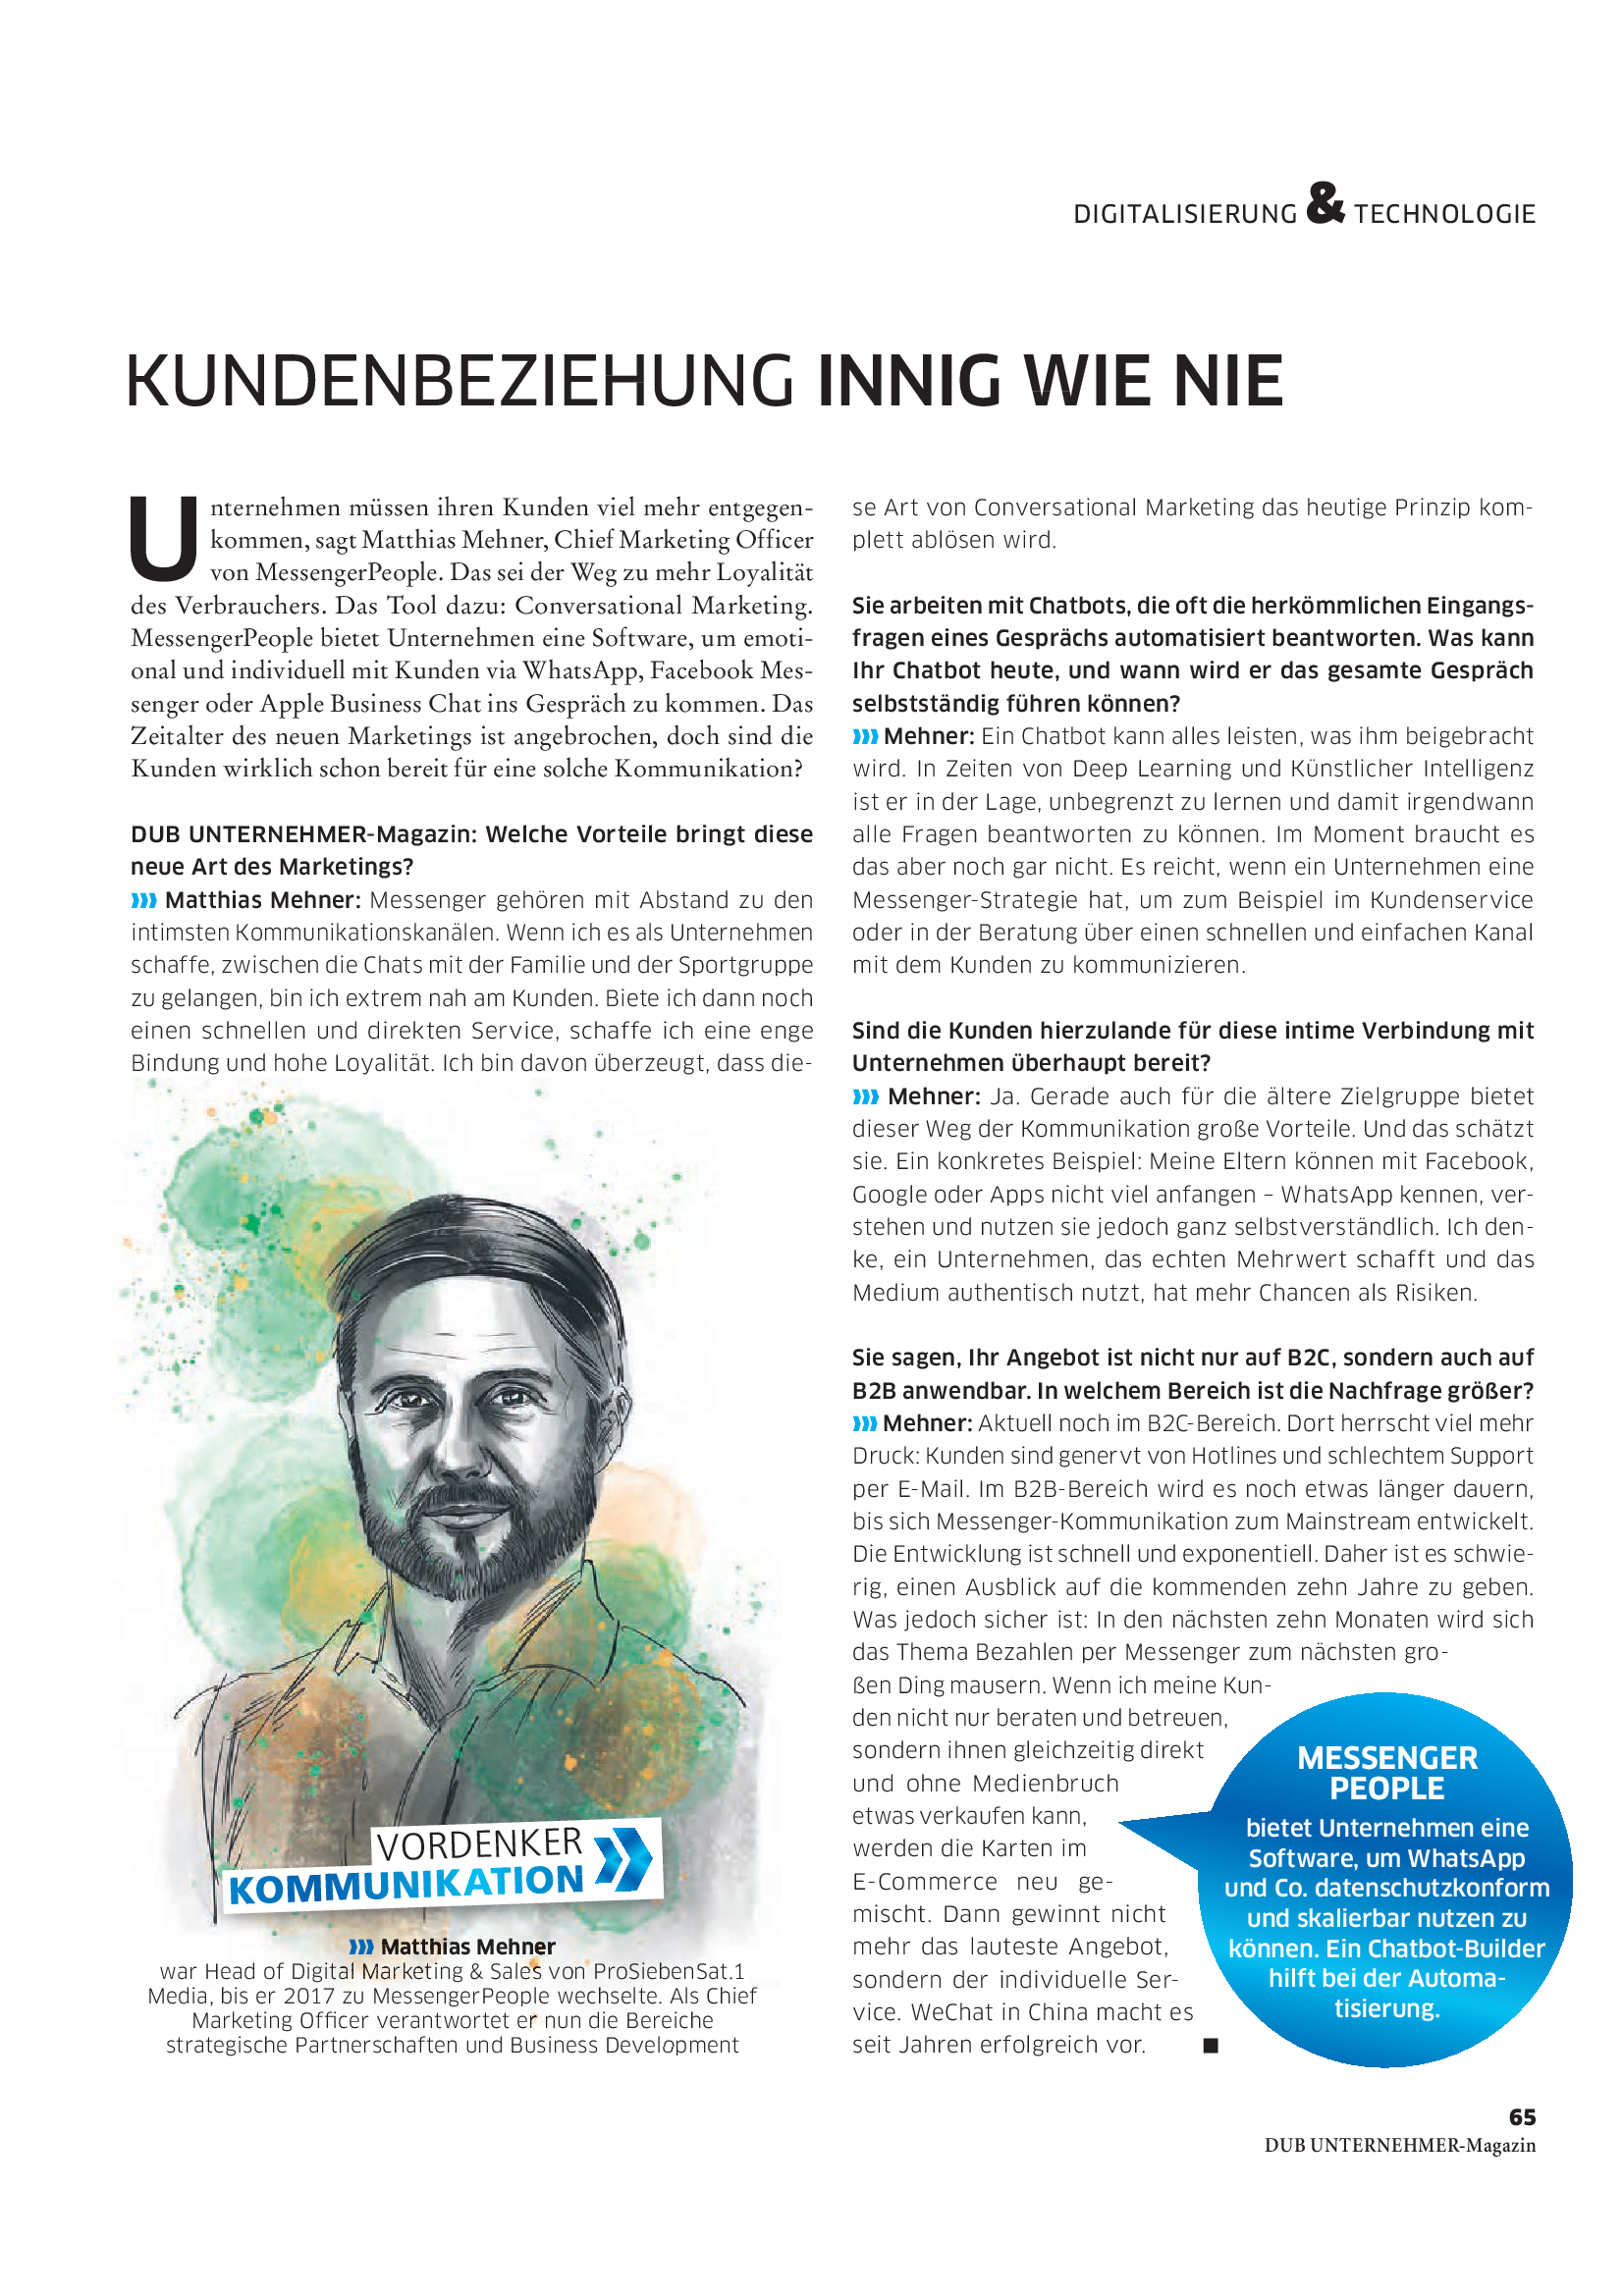 dub-unternehmer-magazin-matthias-mehner